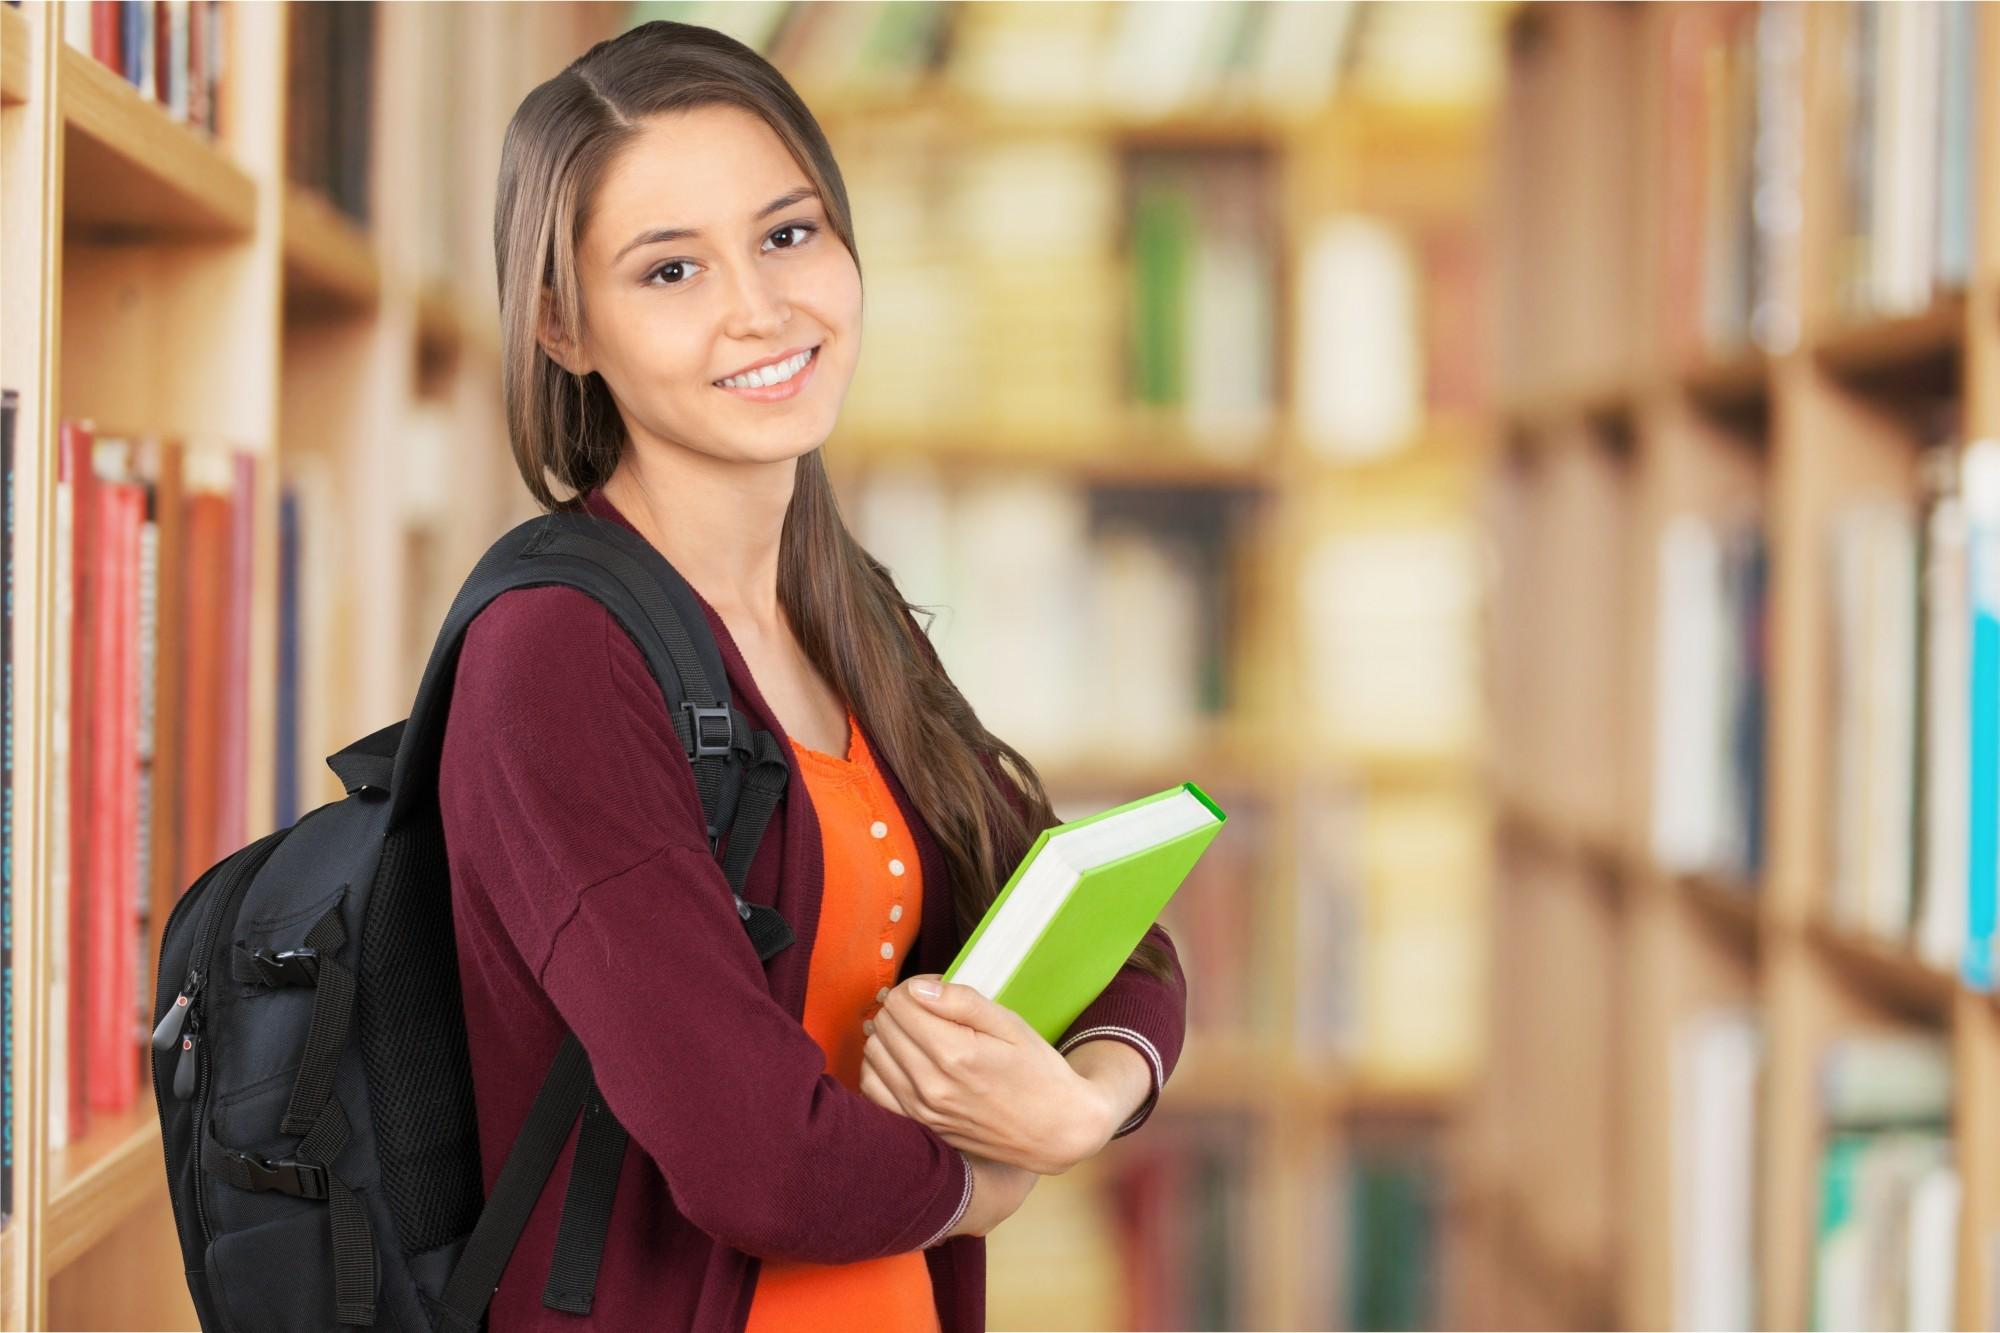 Üniversite Öğrencileri Çalışma Stresini Nasıl Yönetebilir?